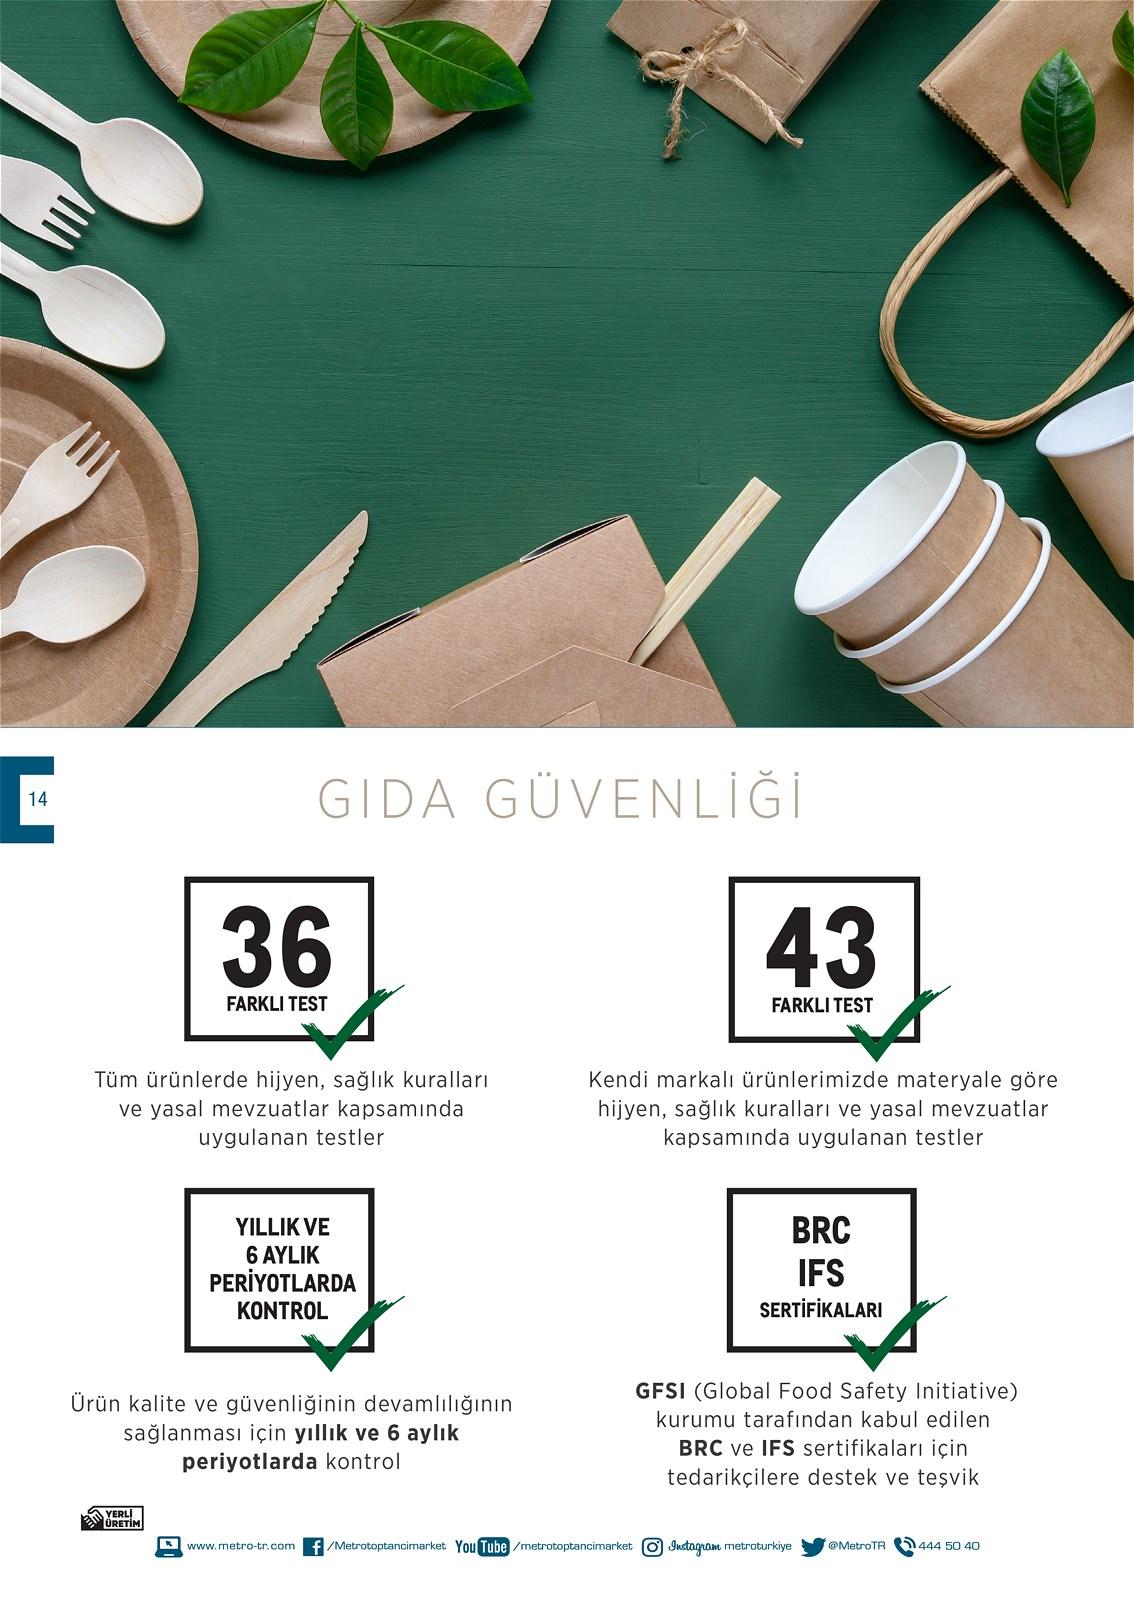 01.01.2021 Metro broşürü 14. sayfa